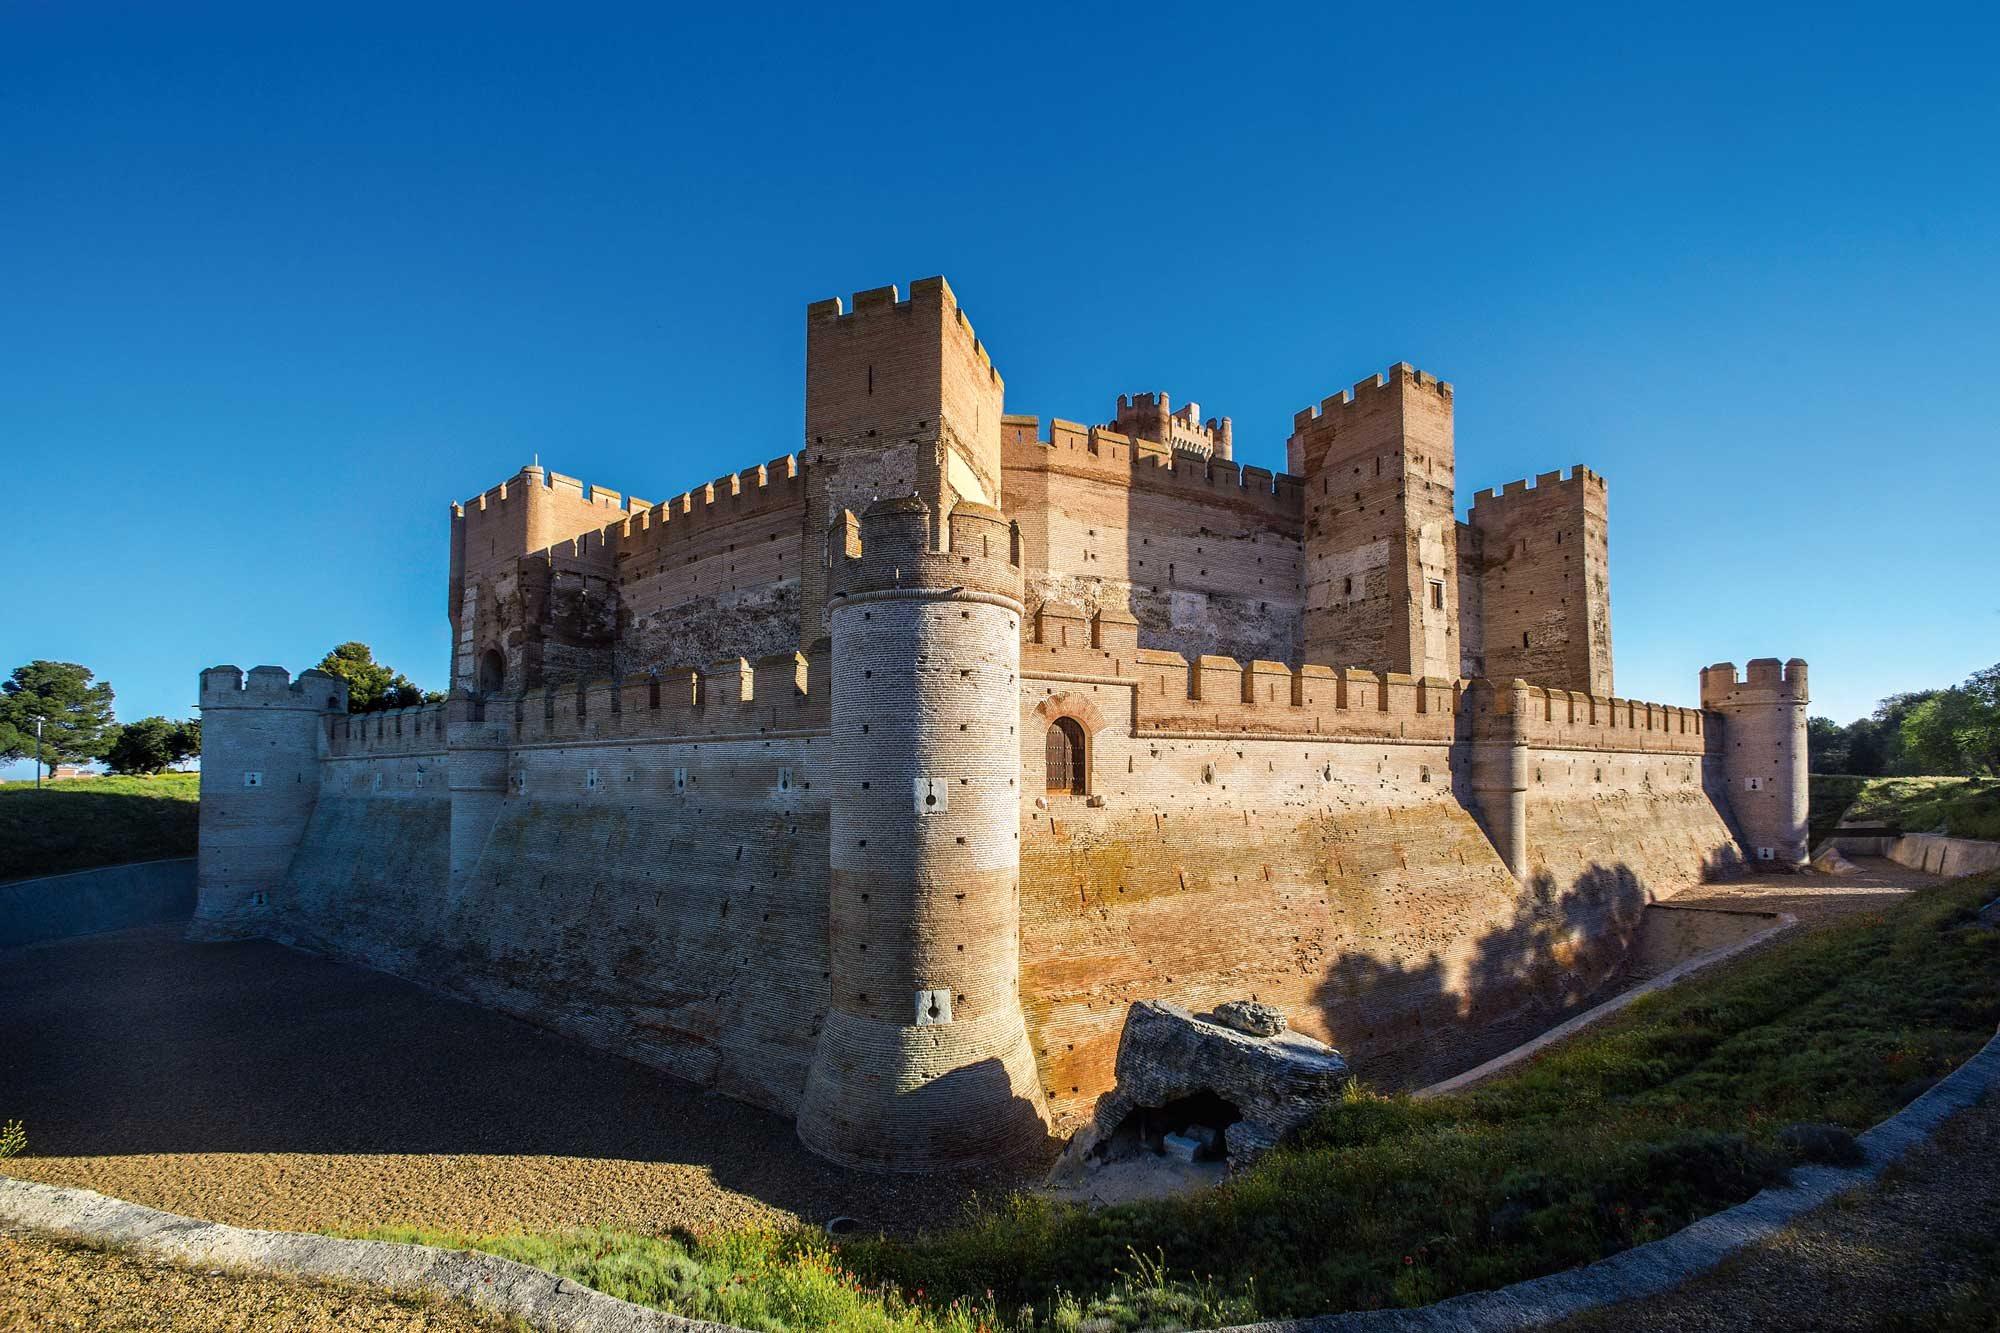 140 Juana 5. Castillo de la Mota